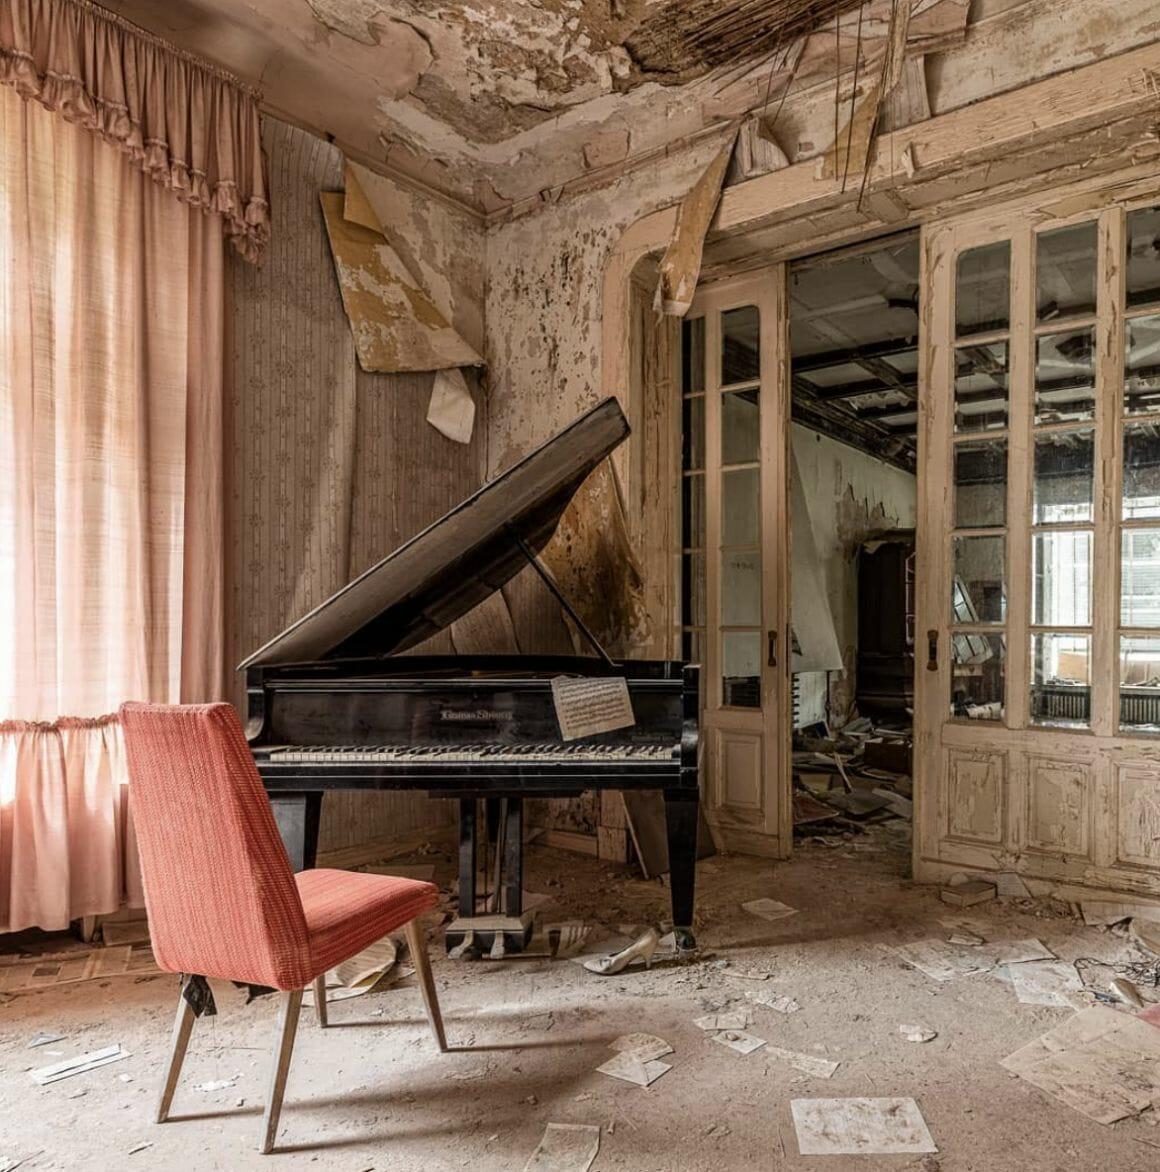 photographie d'un piano prise par revierstrolch